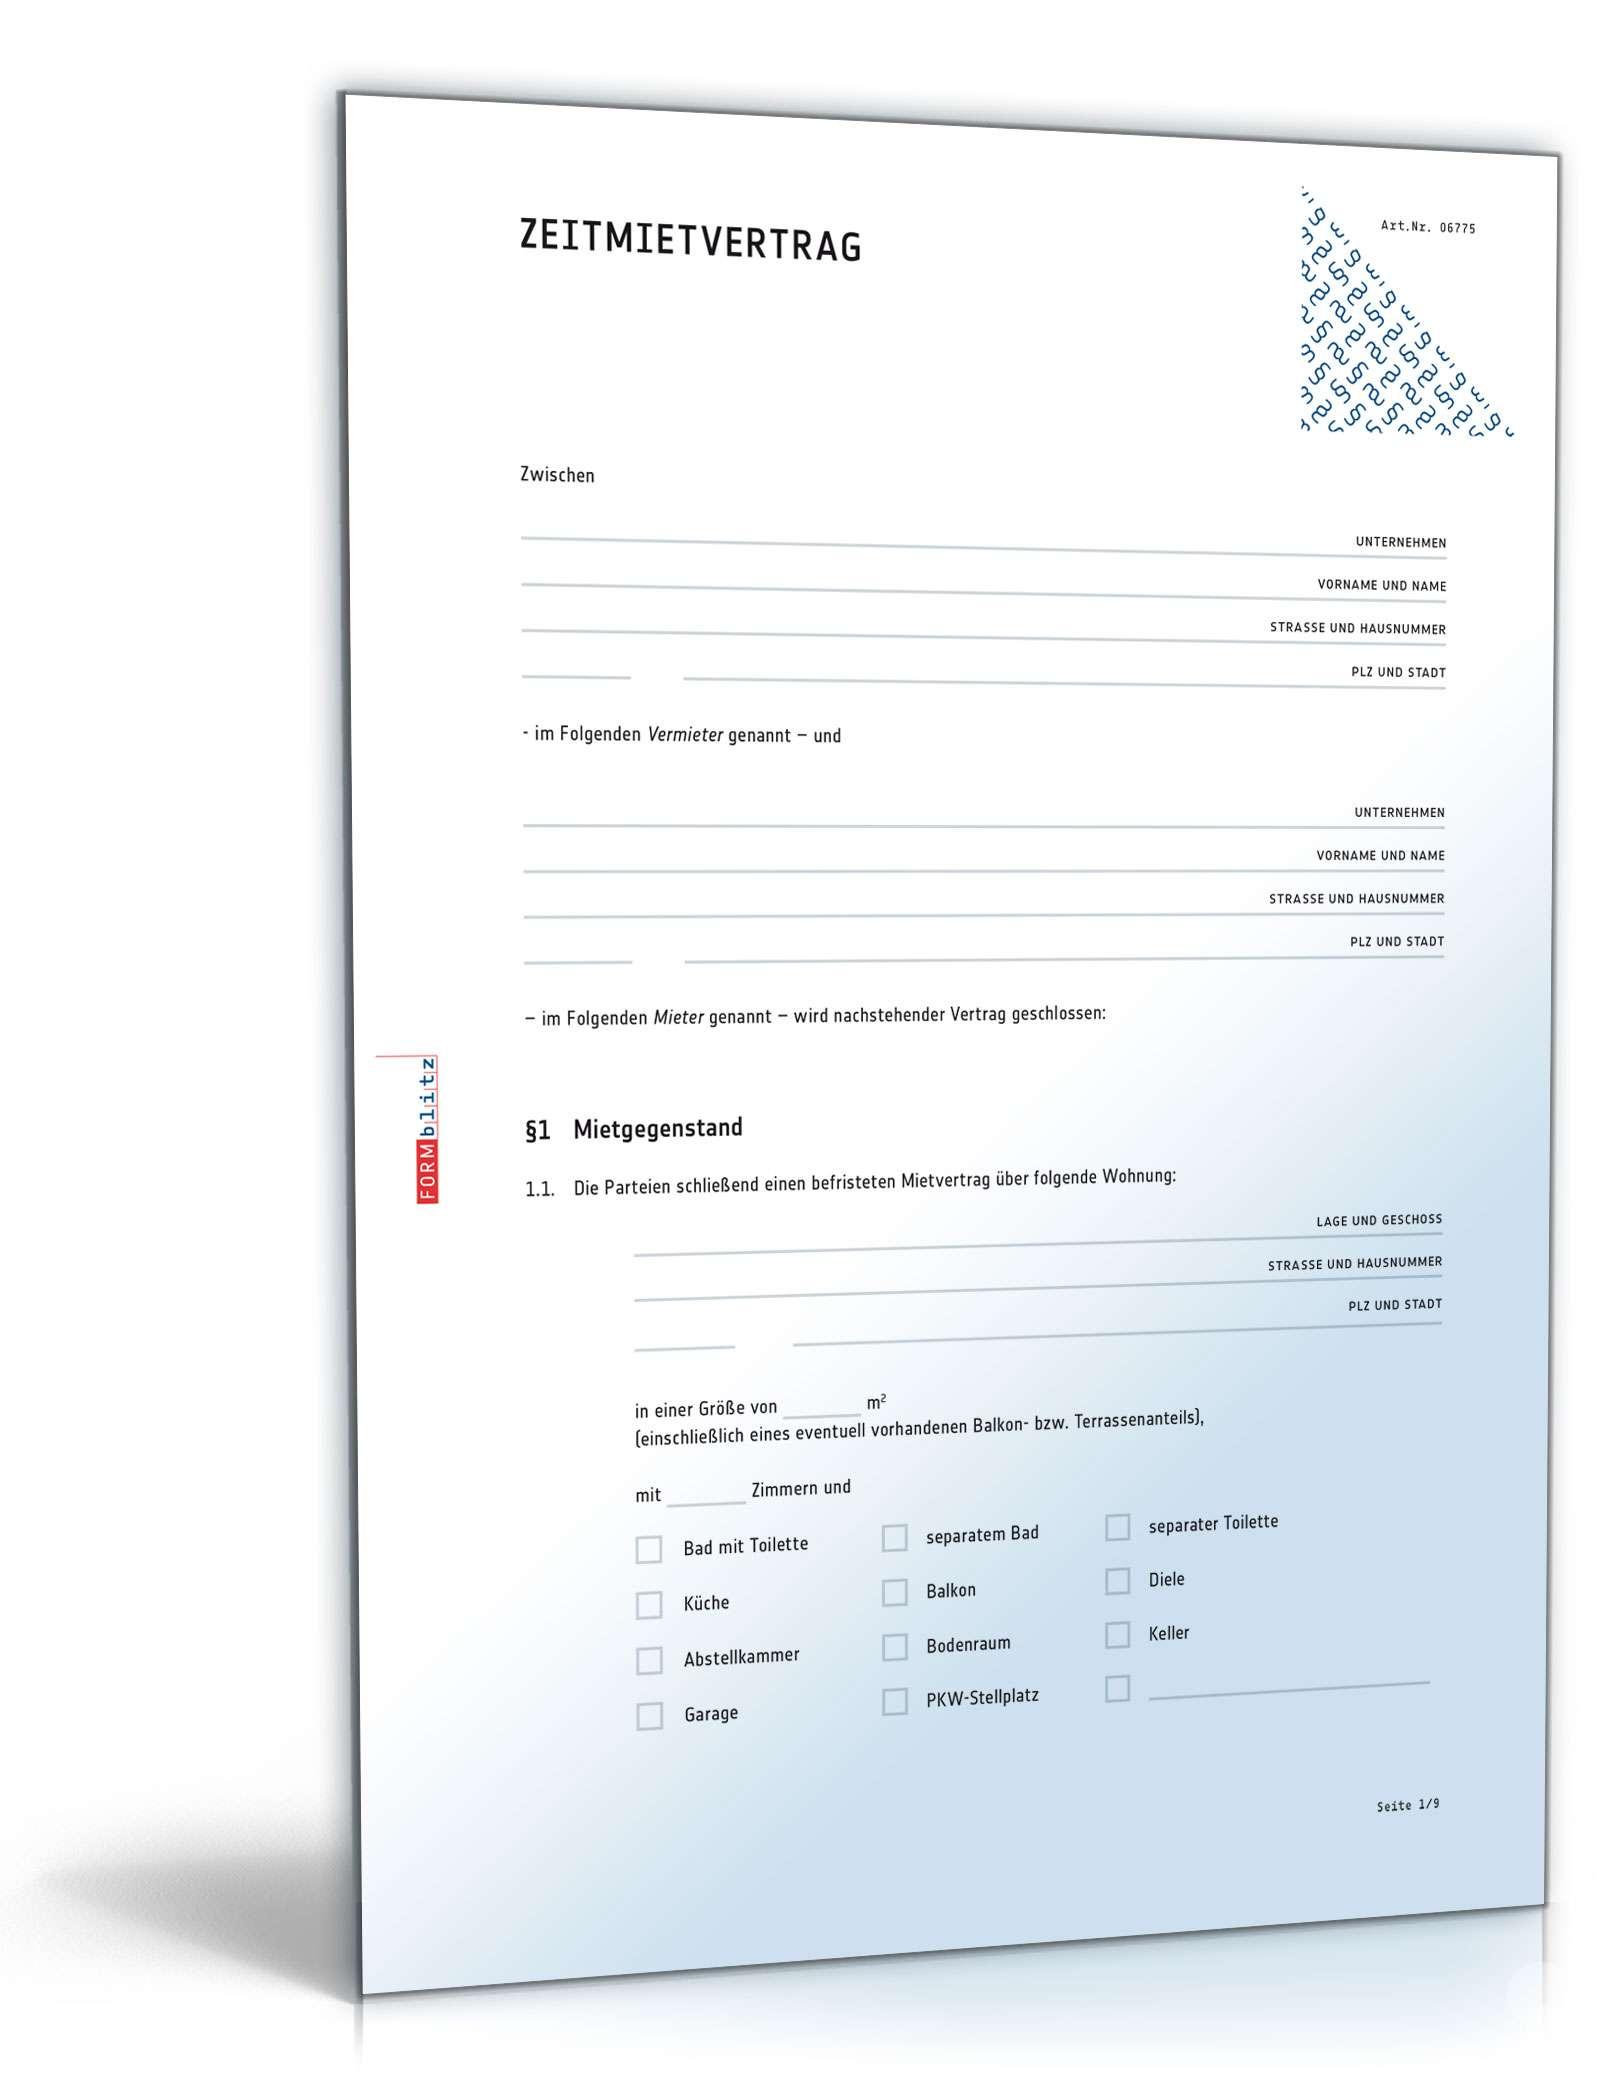 Zeitmietvertrag Muster Vorlage Zum Download